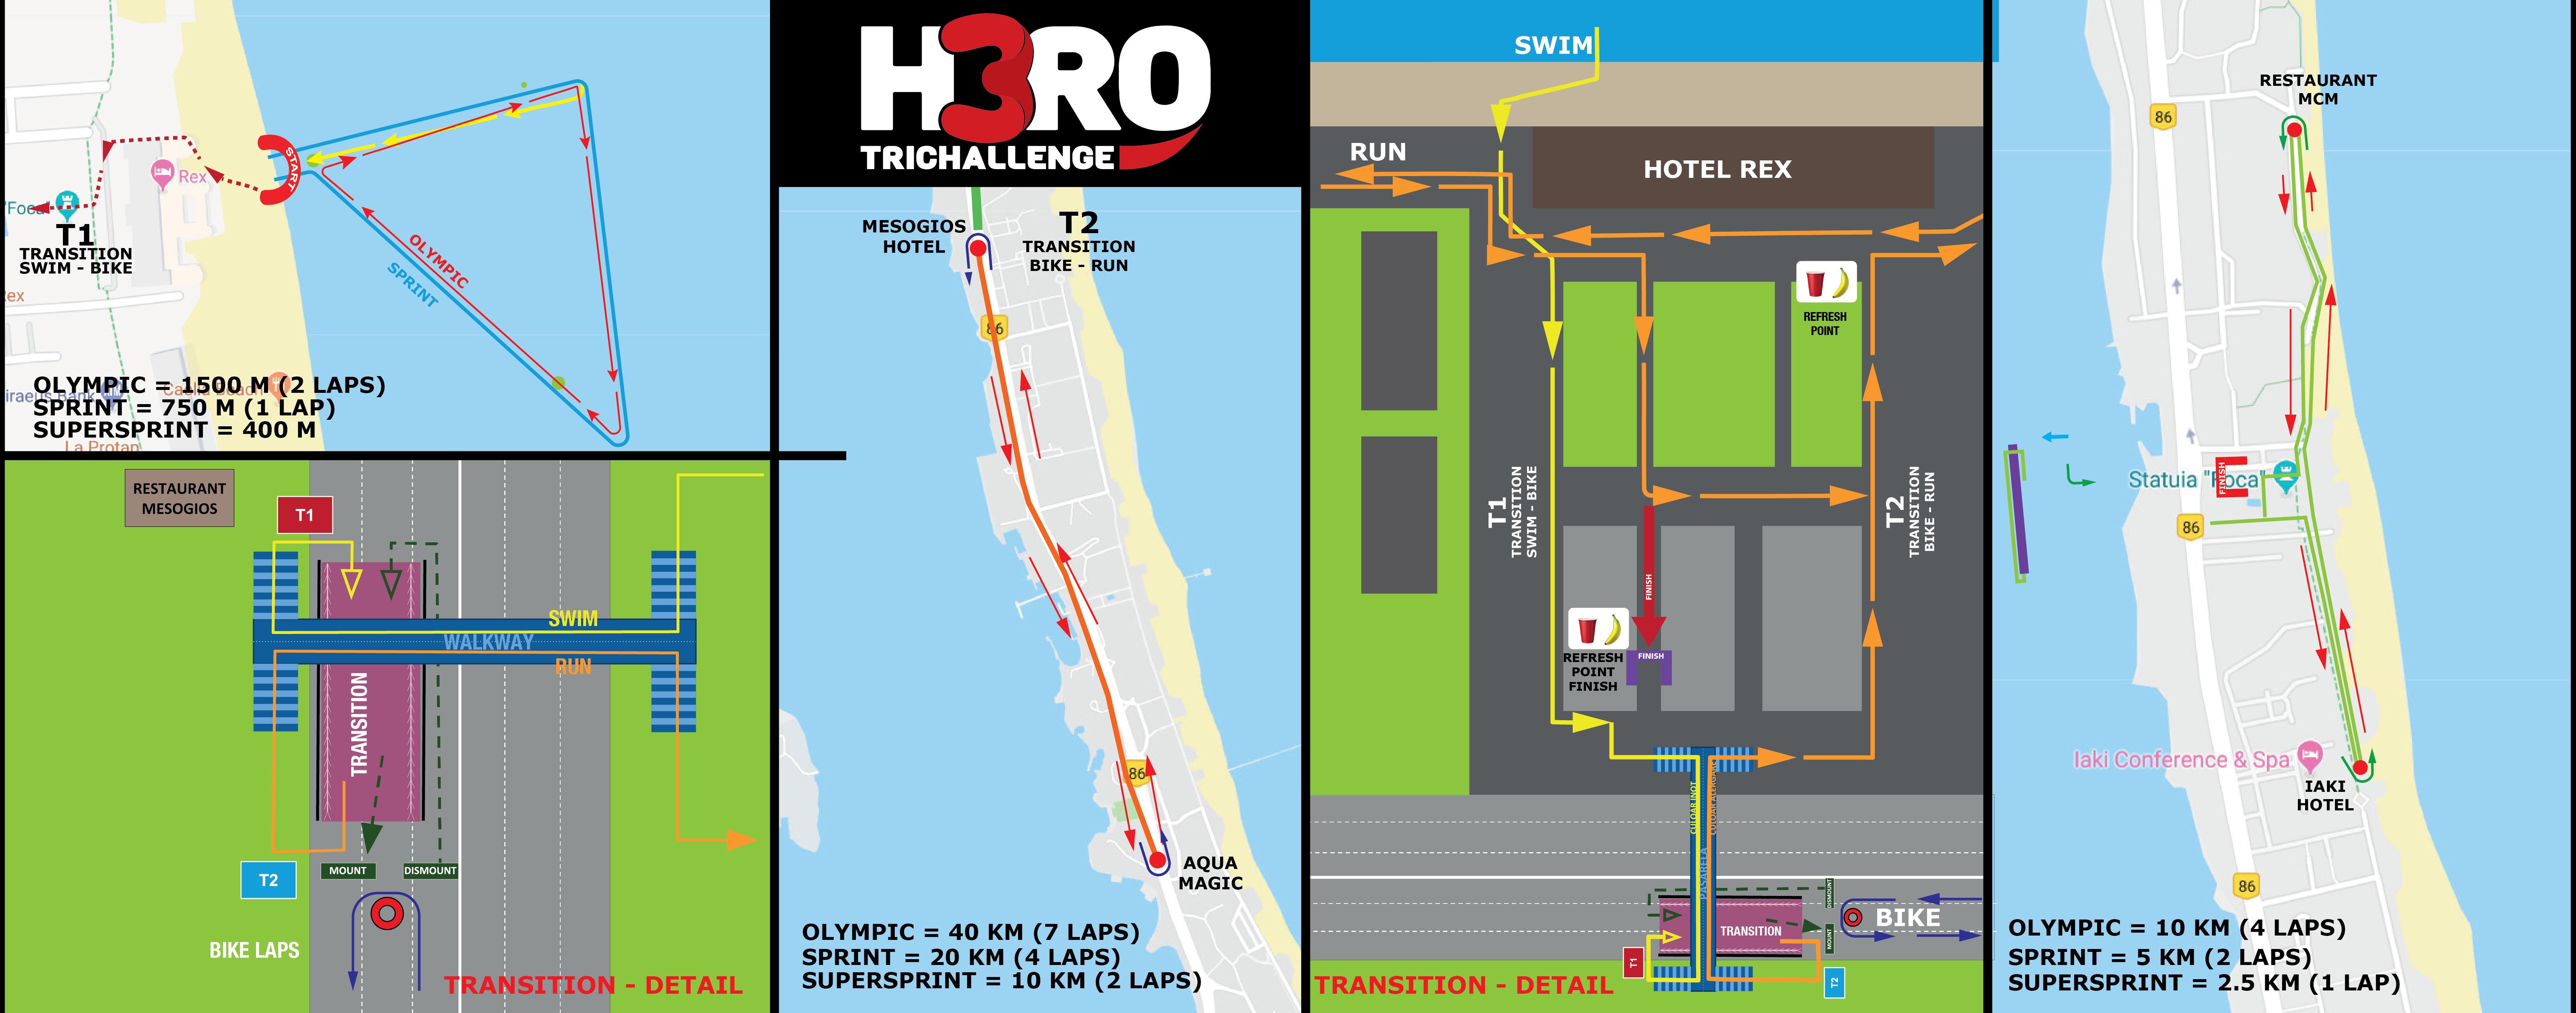 H3RO by TriChallenge 2019 - hartă concurs proba olimpică